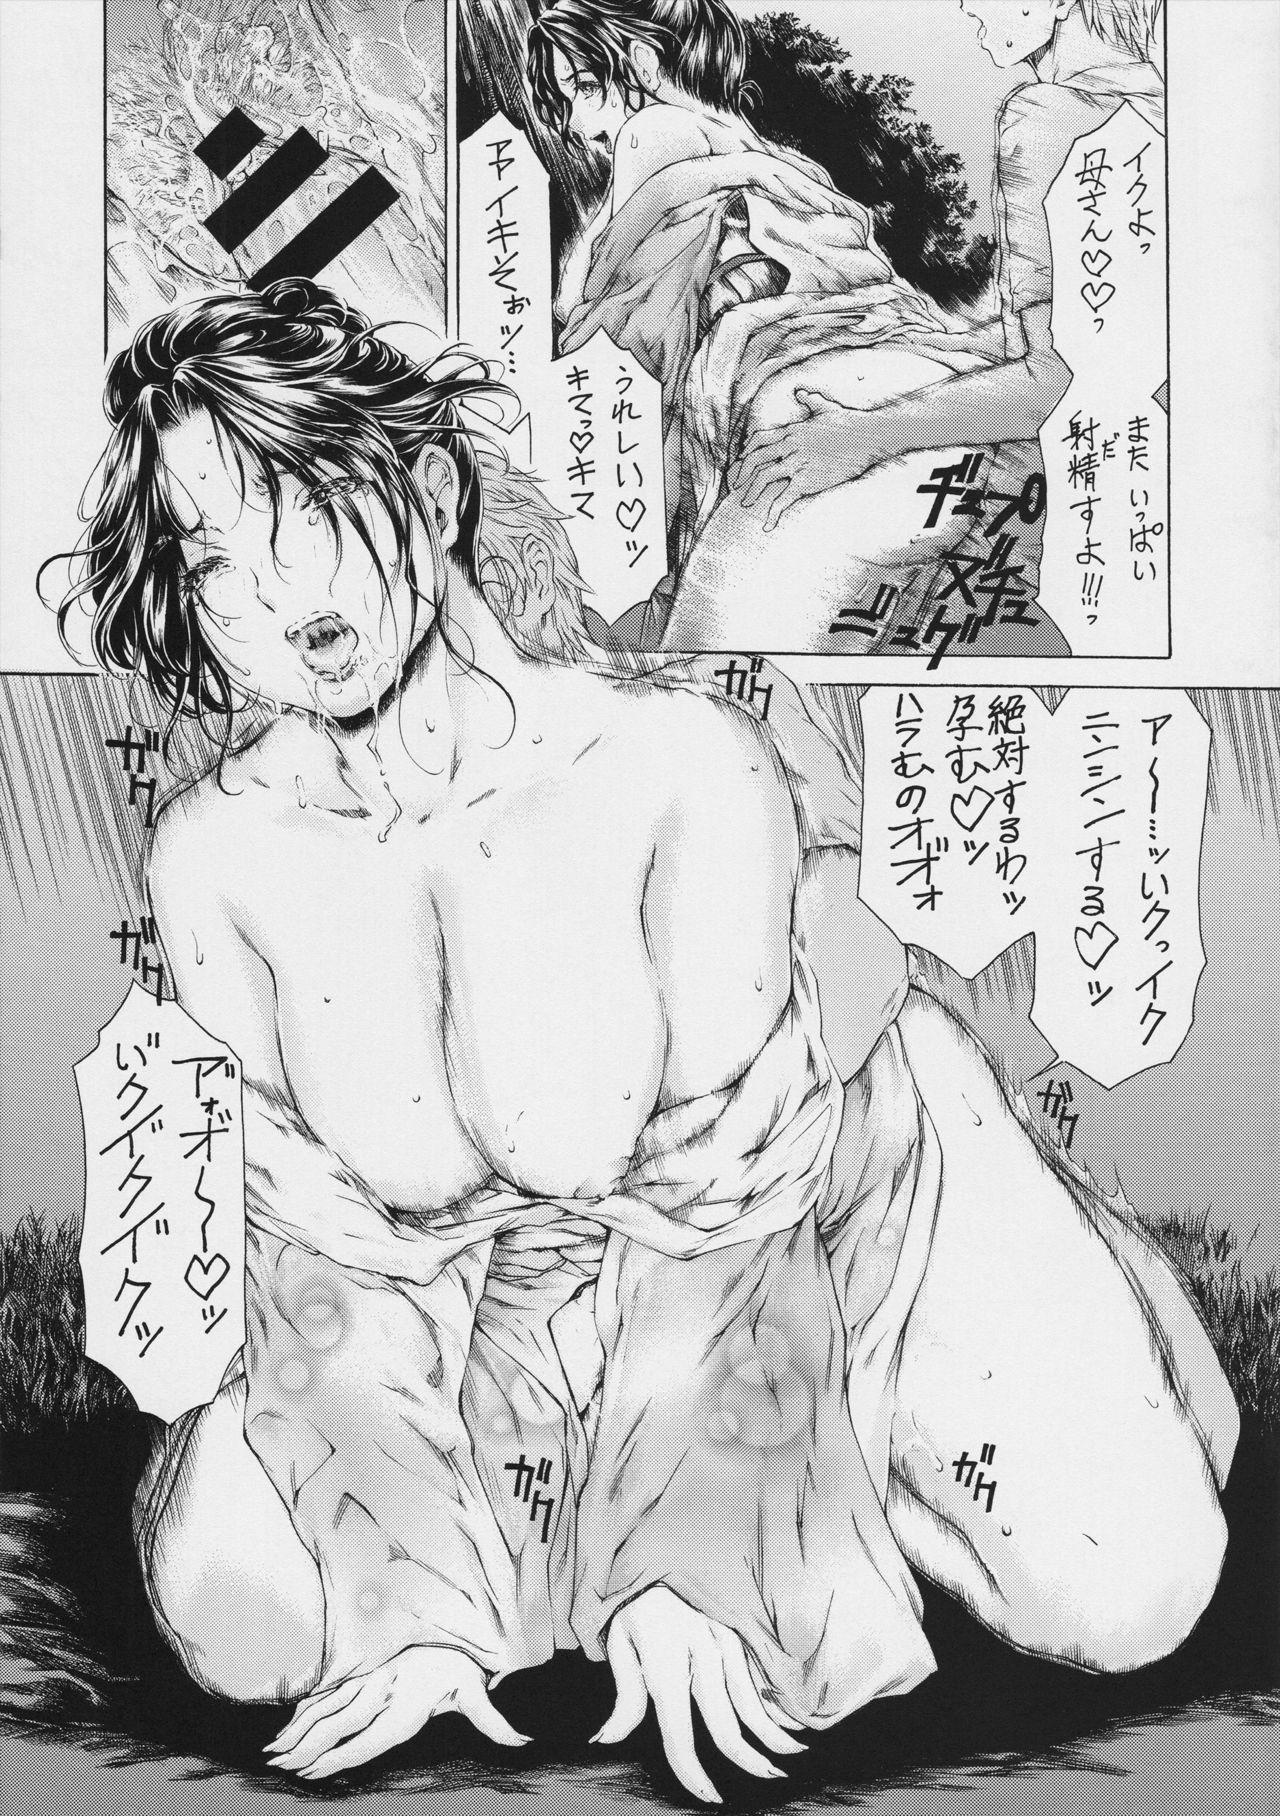 (COMIC1☆11) [Subesube 1kg (Narita Kyousha)] 9-Ji Kara 5-ji Made no Koibito Dai 9 wa - Nine to Five Lover 30